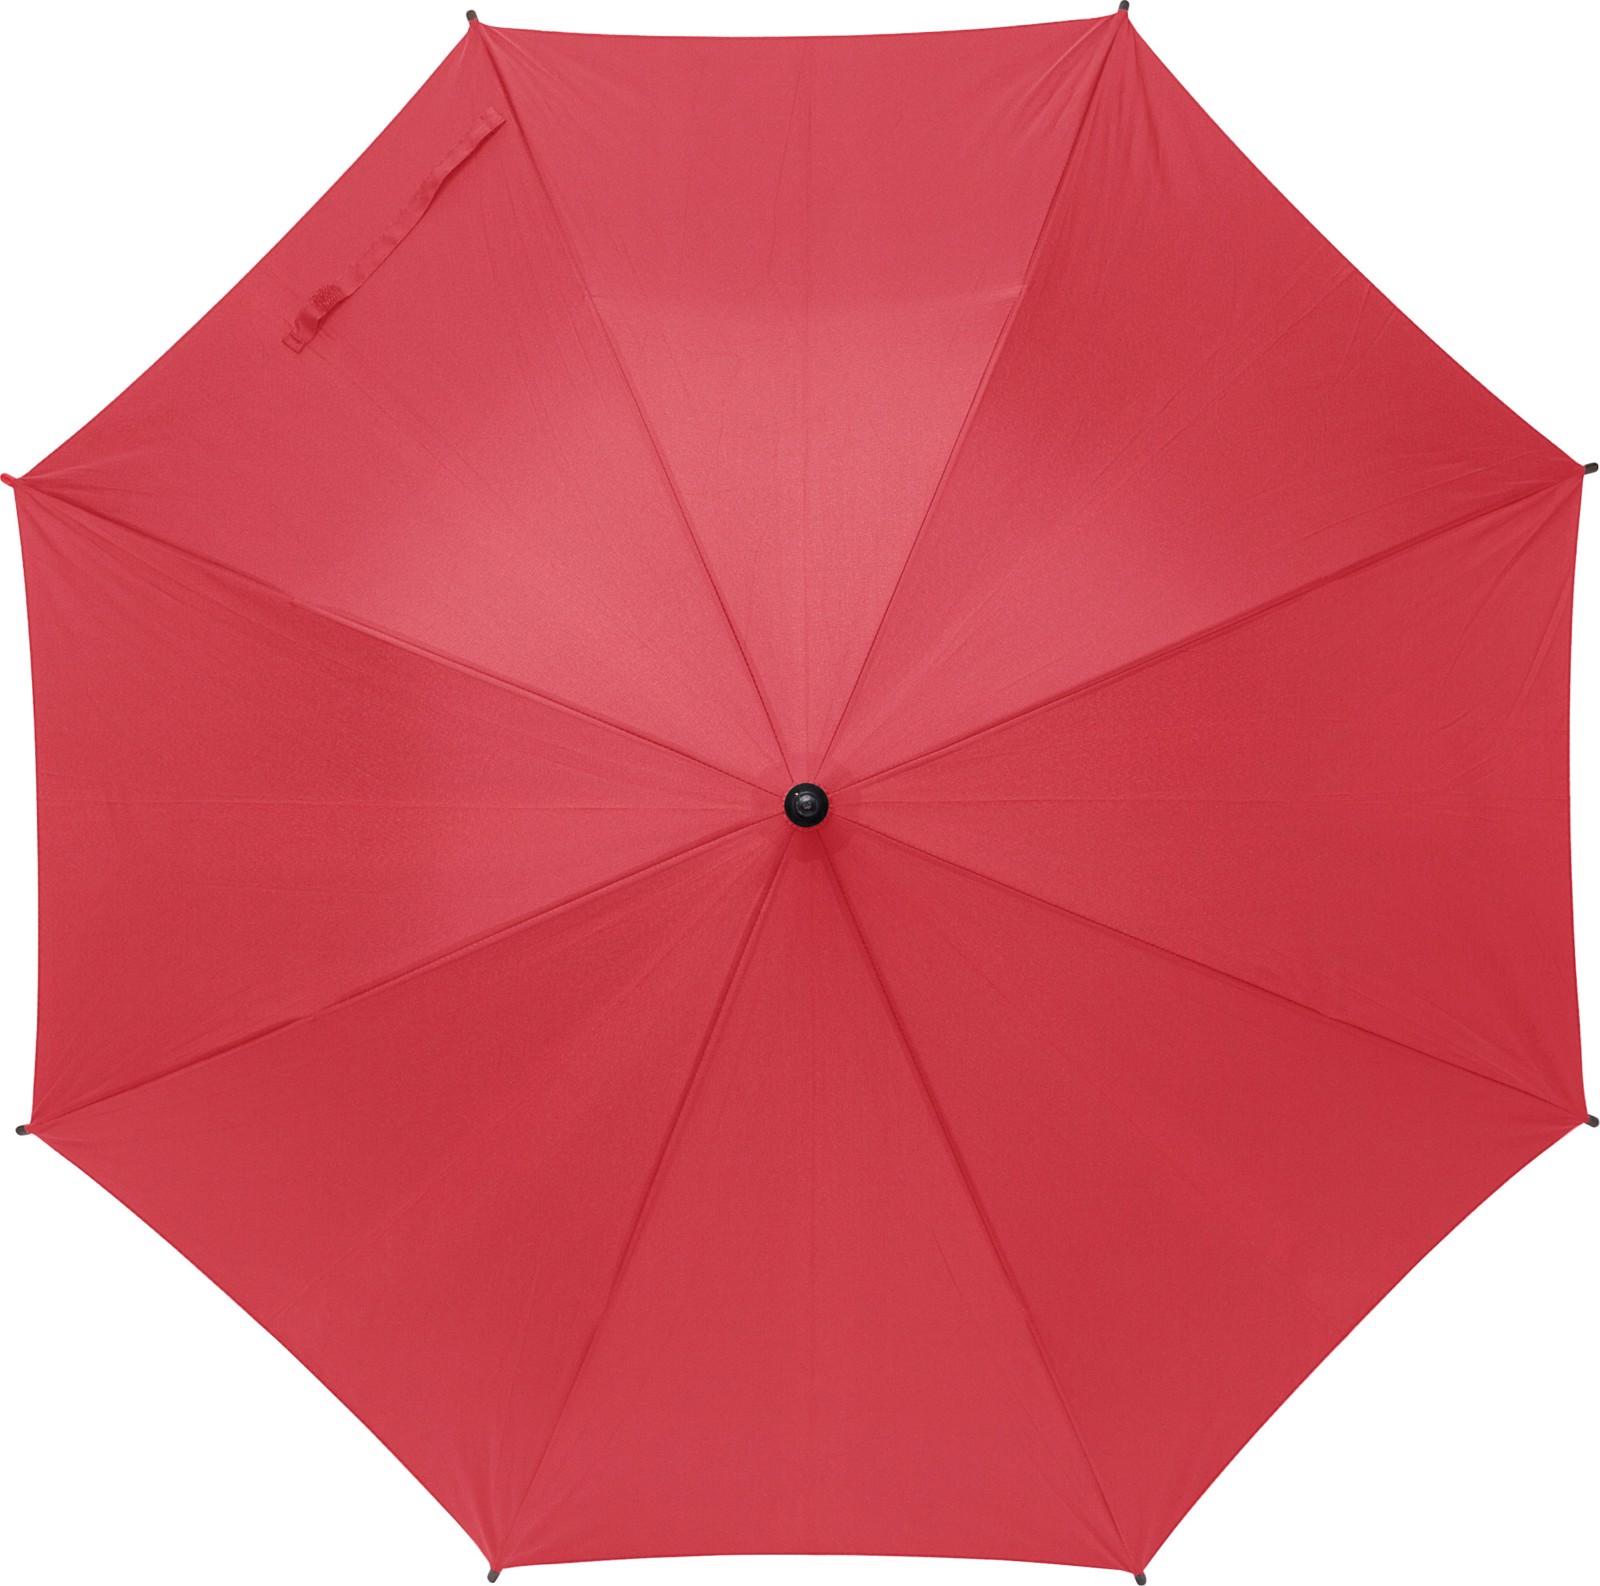 Paraguas de poliéster 170T RPET - Red